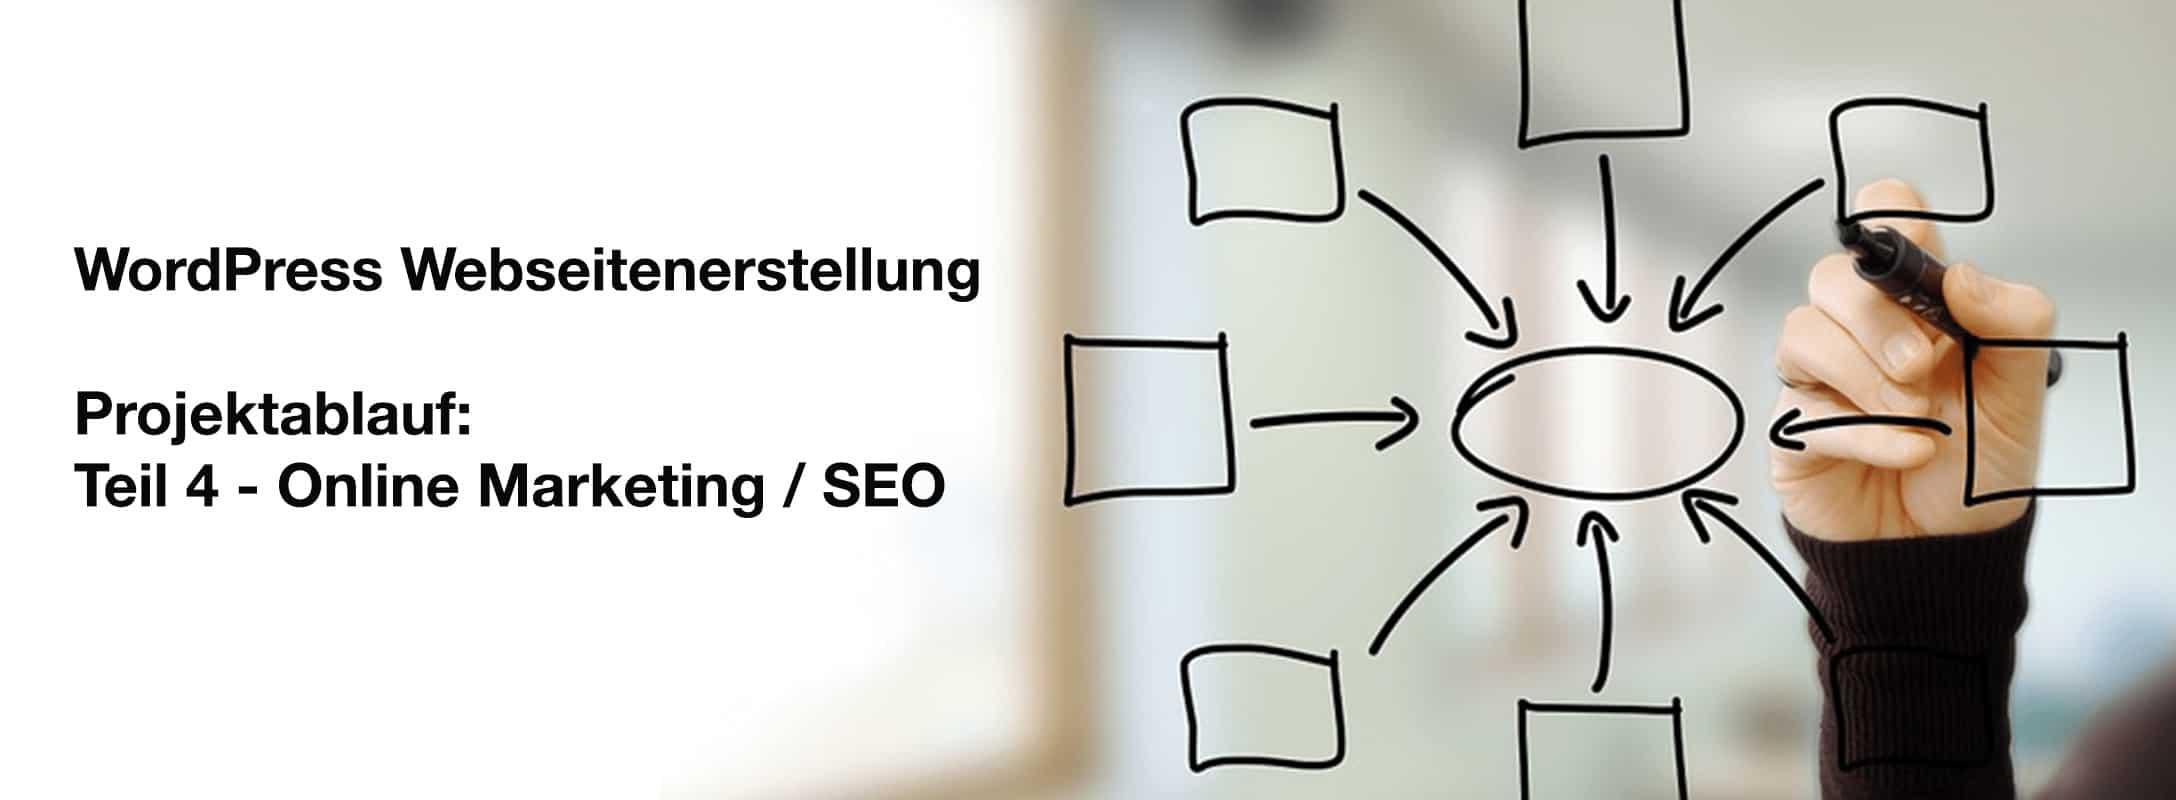 Webseitenerstellung - Projektablauf: Teil 4 - Online Marketing und WordPress SEO